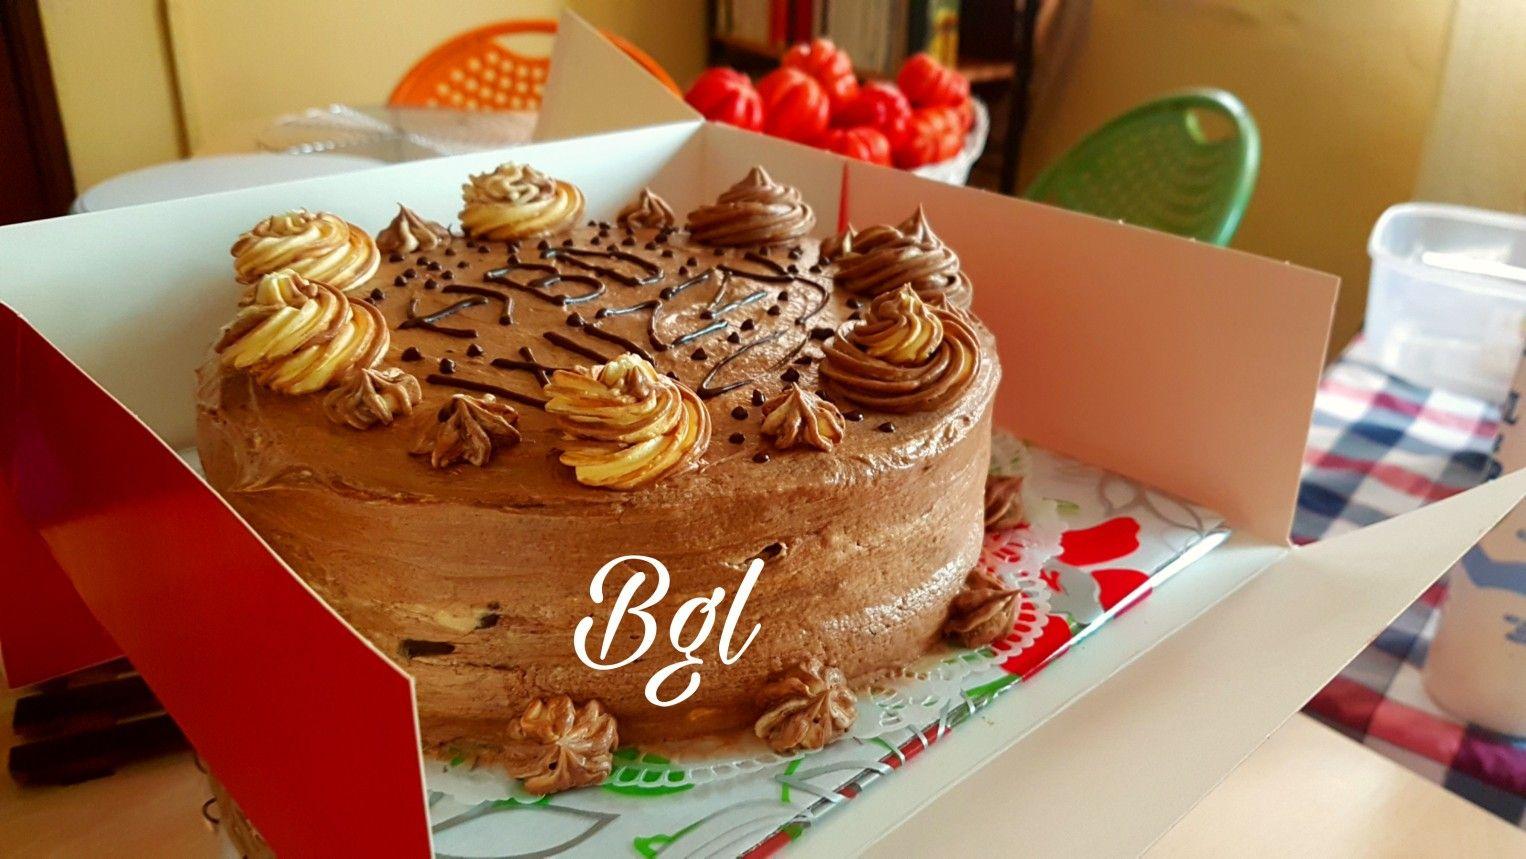 Buttercream Chocolate Cake Gateau Au Chocolat A La Creme Au Beurre Fait Maison Par Le Bistro Gourmand Lome Patisserie Familiale Togolais Food Desserts Cake